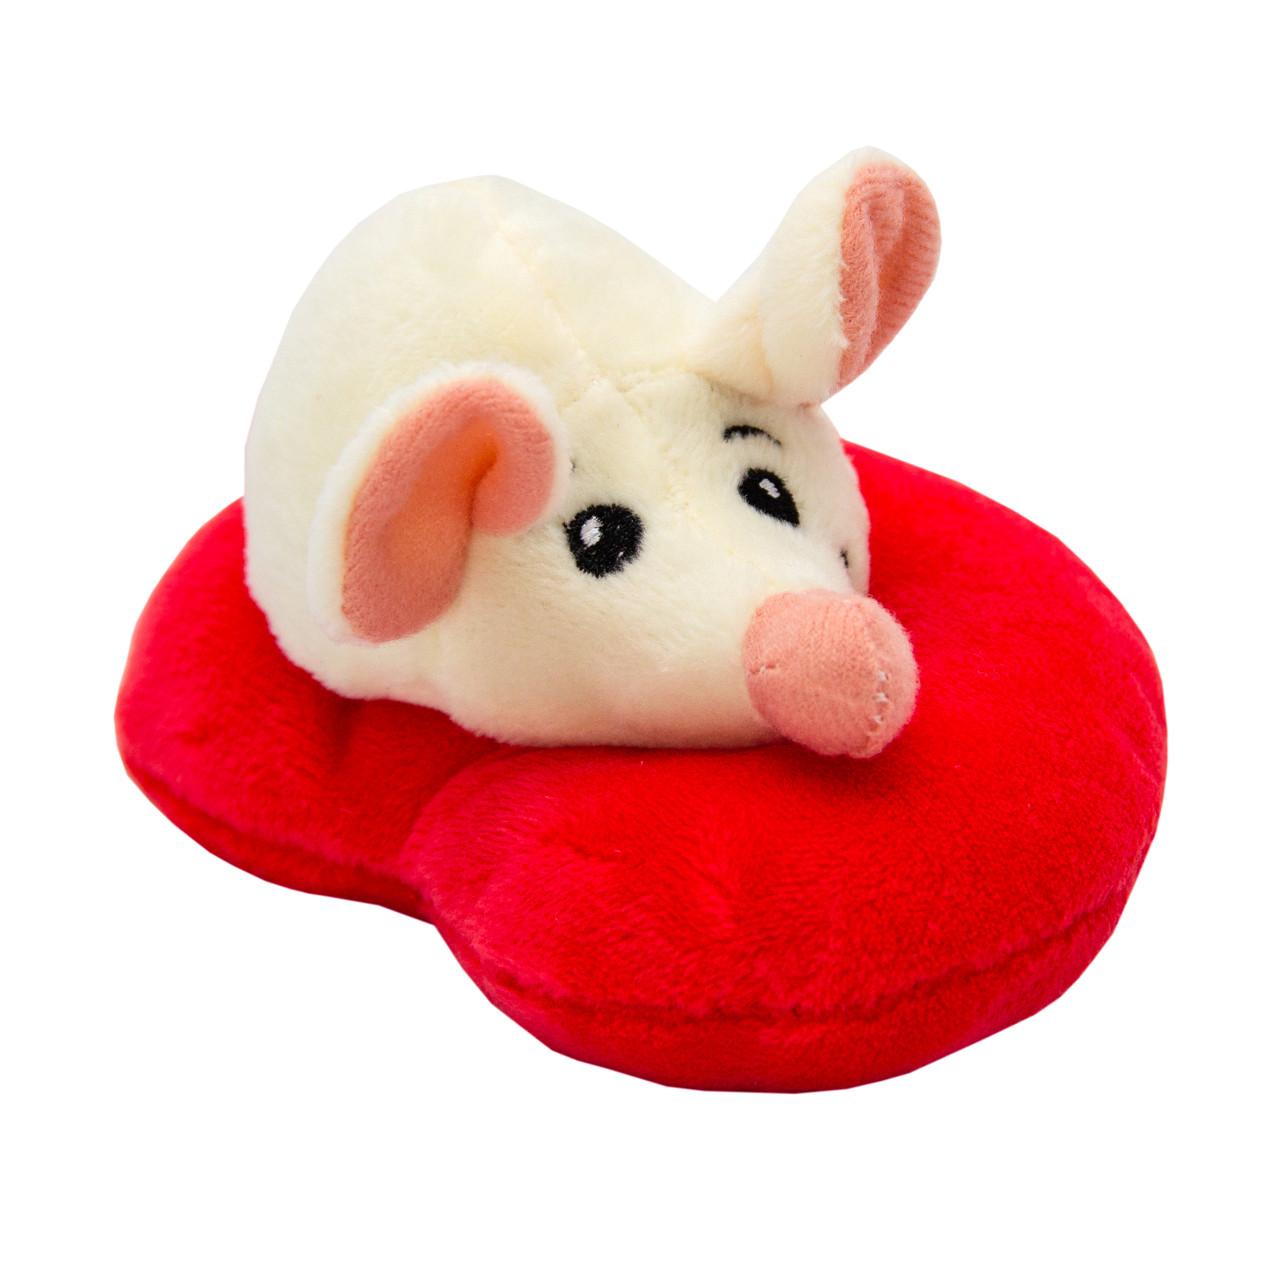 Мягкая игрушка - крыса с сердечком, 12 см, бежевый, полиэстер (M1819712A-1)